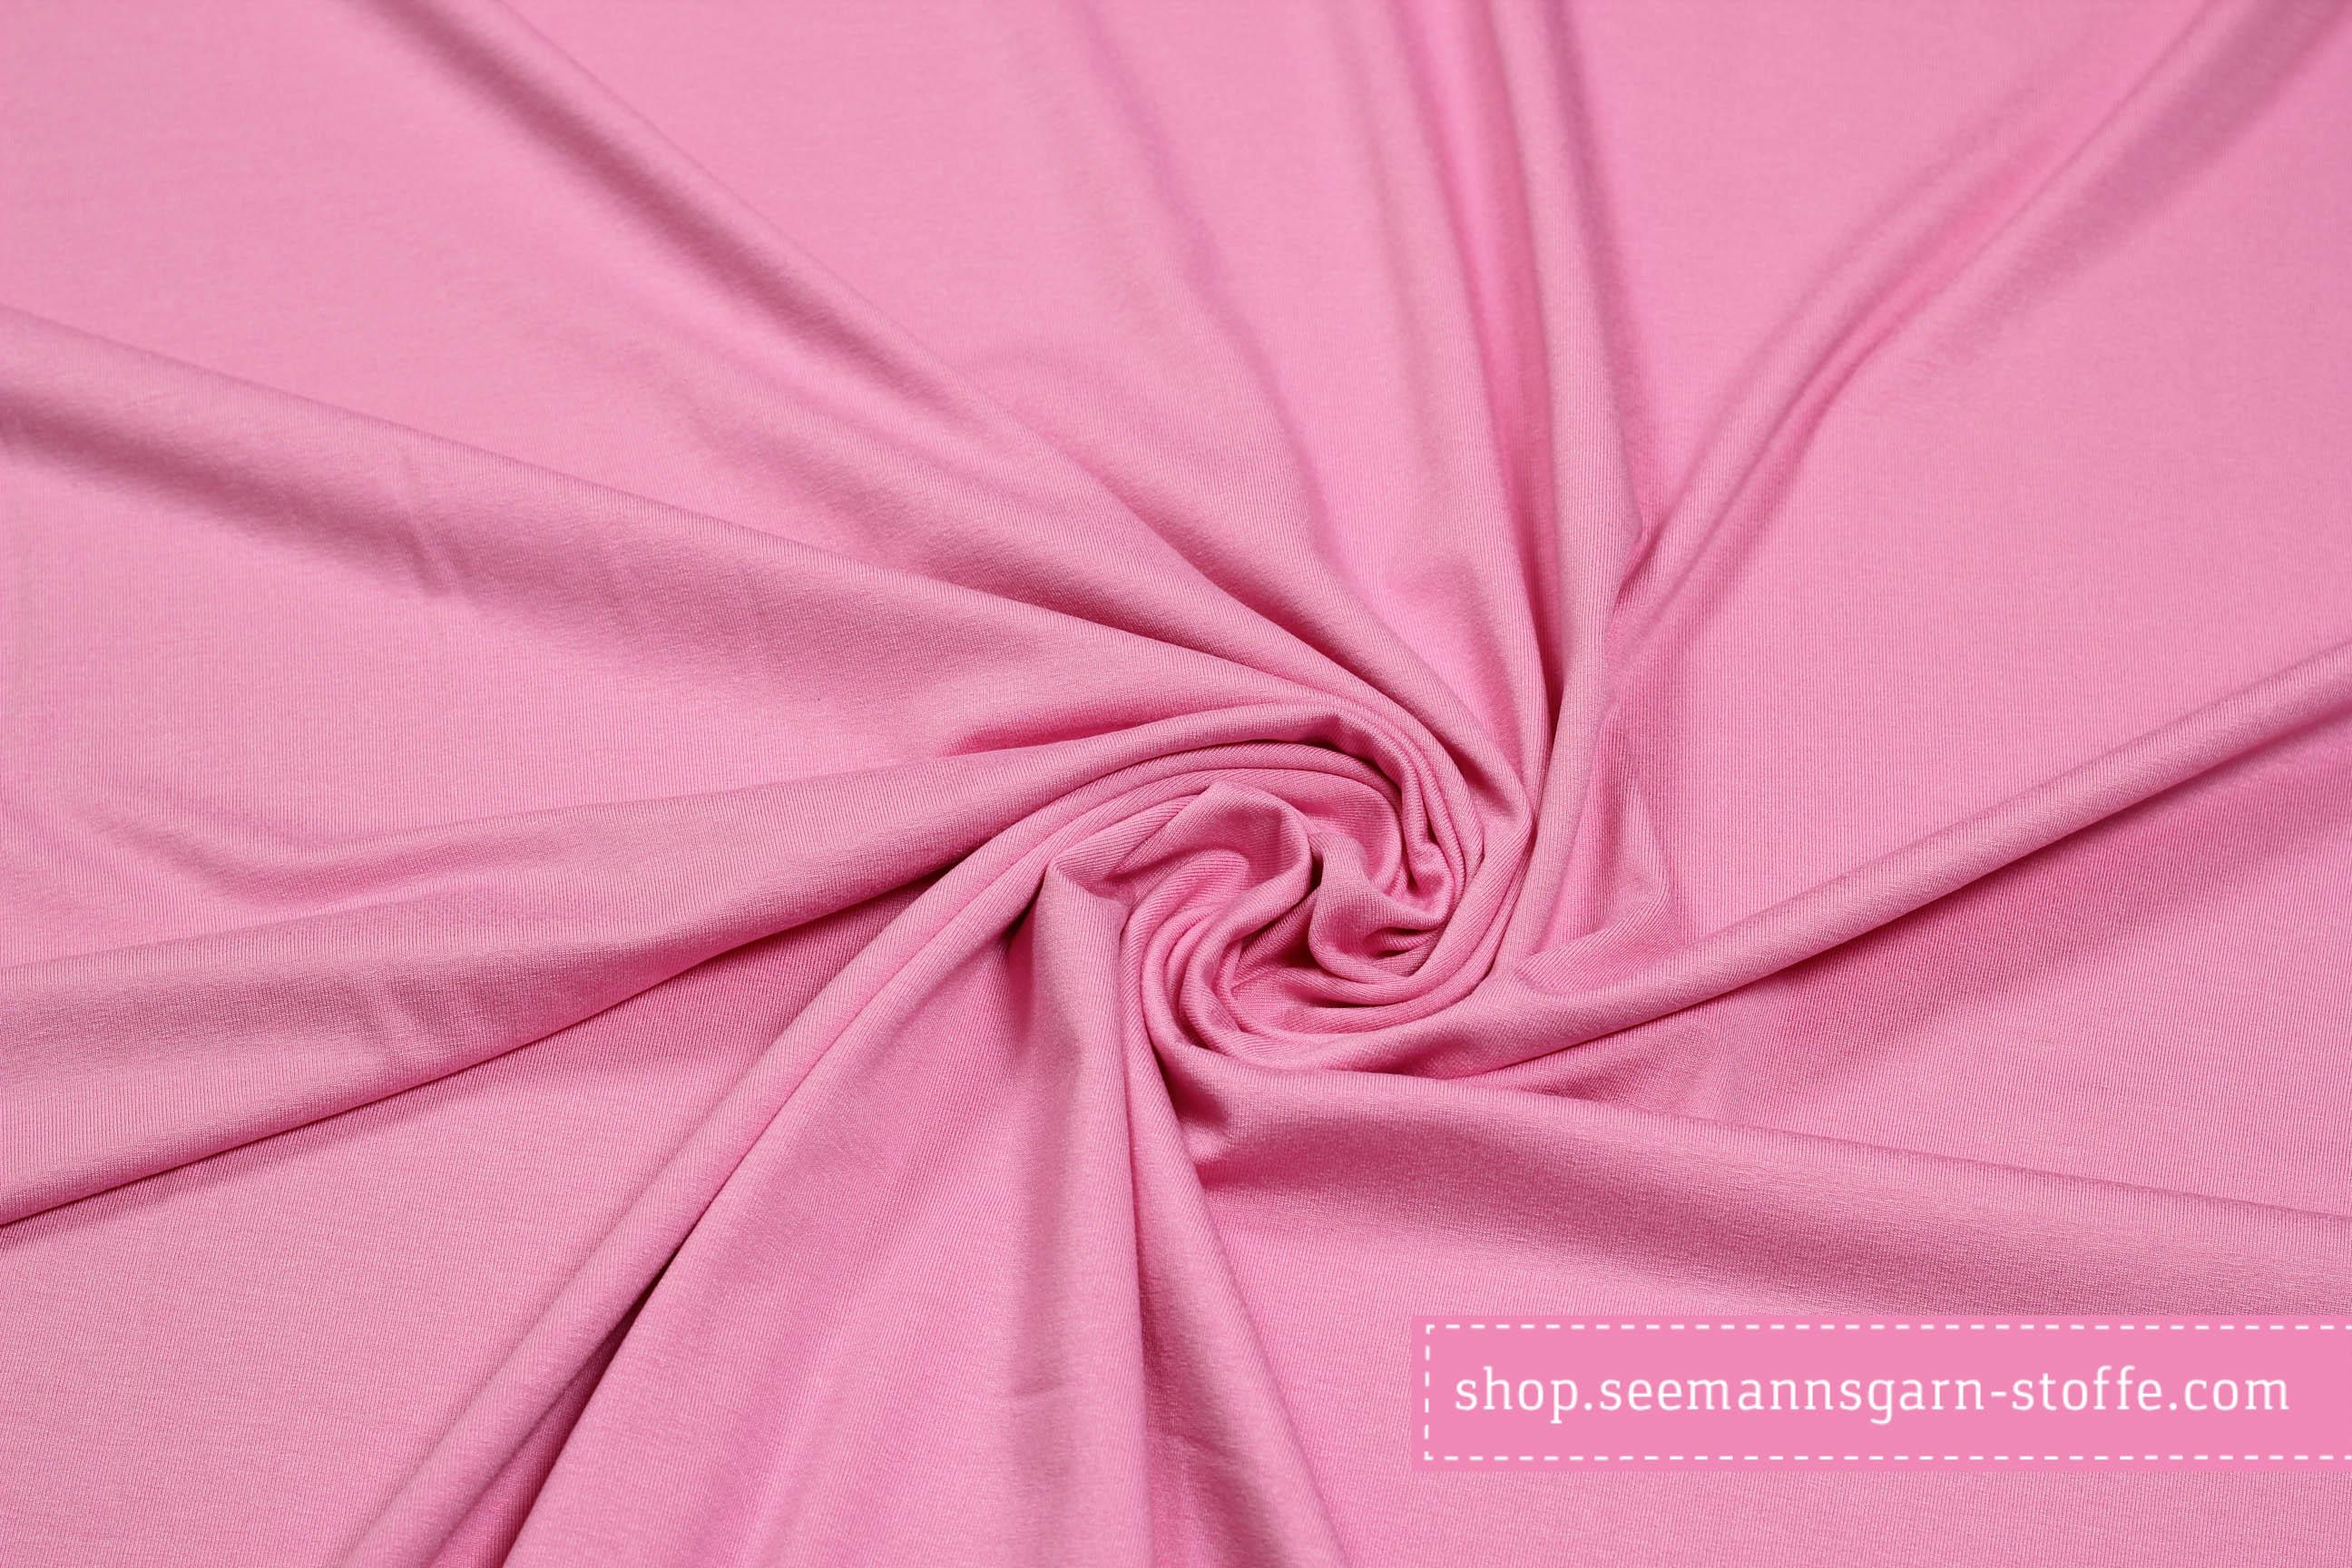 Viskose Stretch Jersey - Rosa